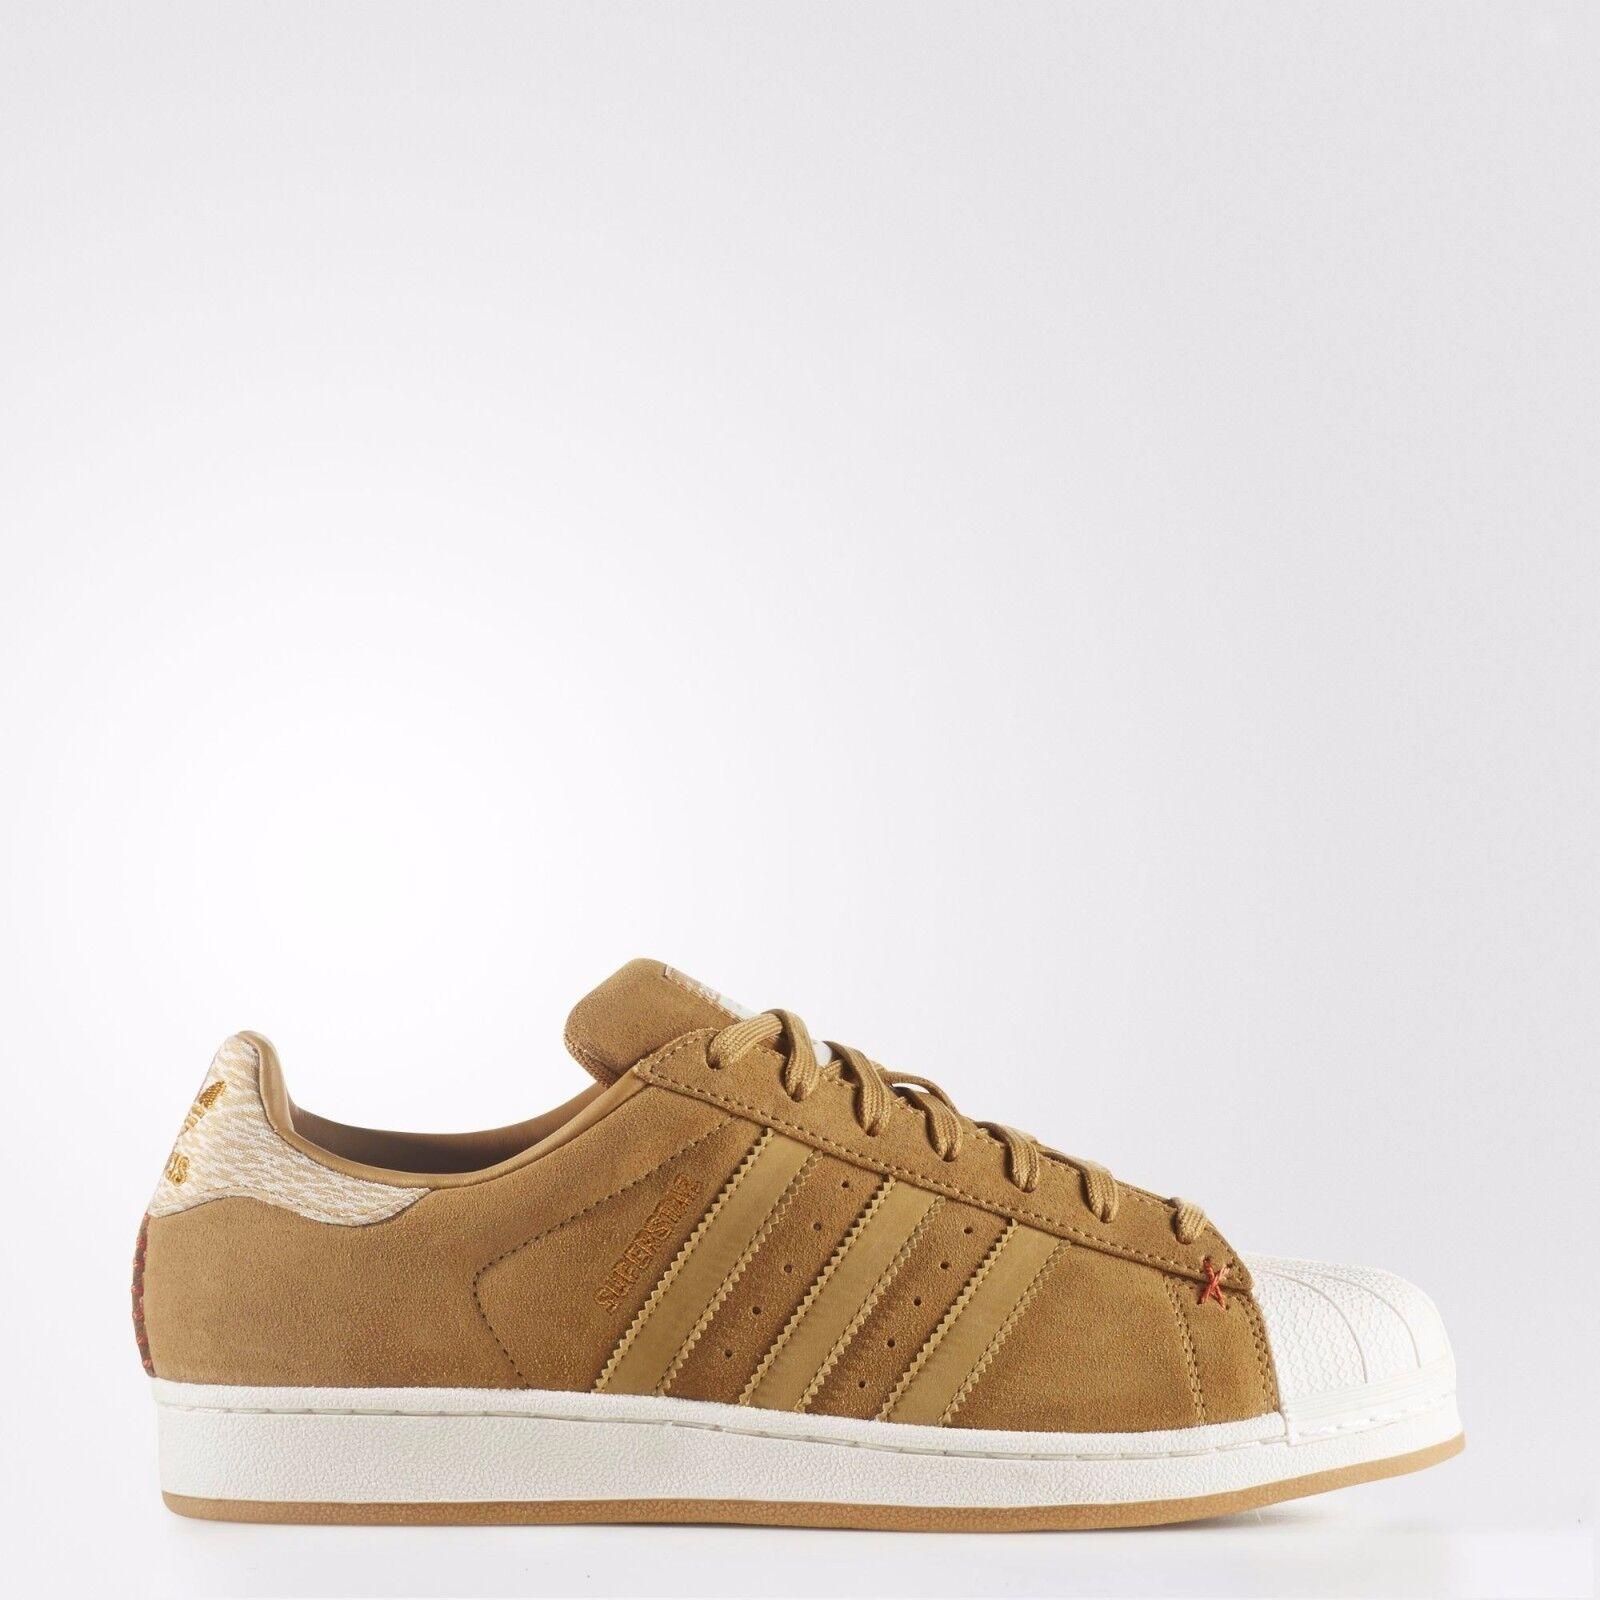 NIB Men's Adidas Superstar Originals Brown Suede B27574